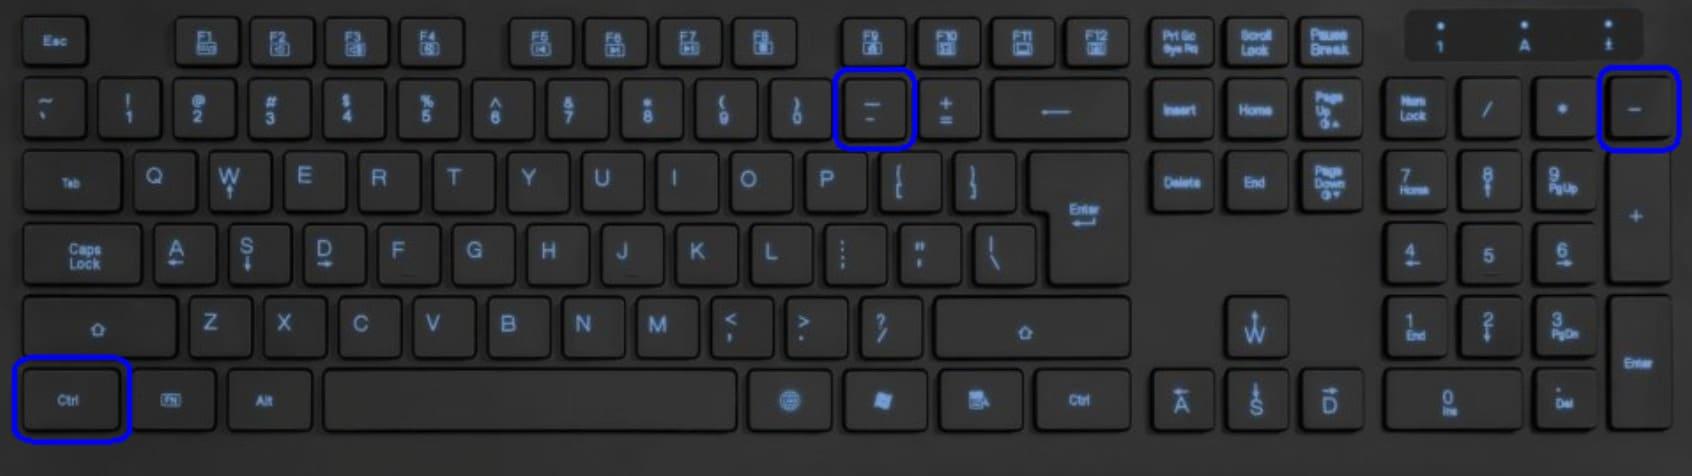 Комбинация клавиш для уменьшения шрифта на сайте